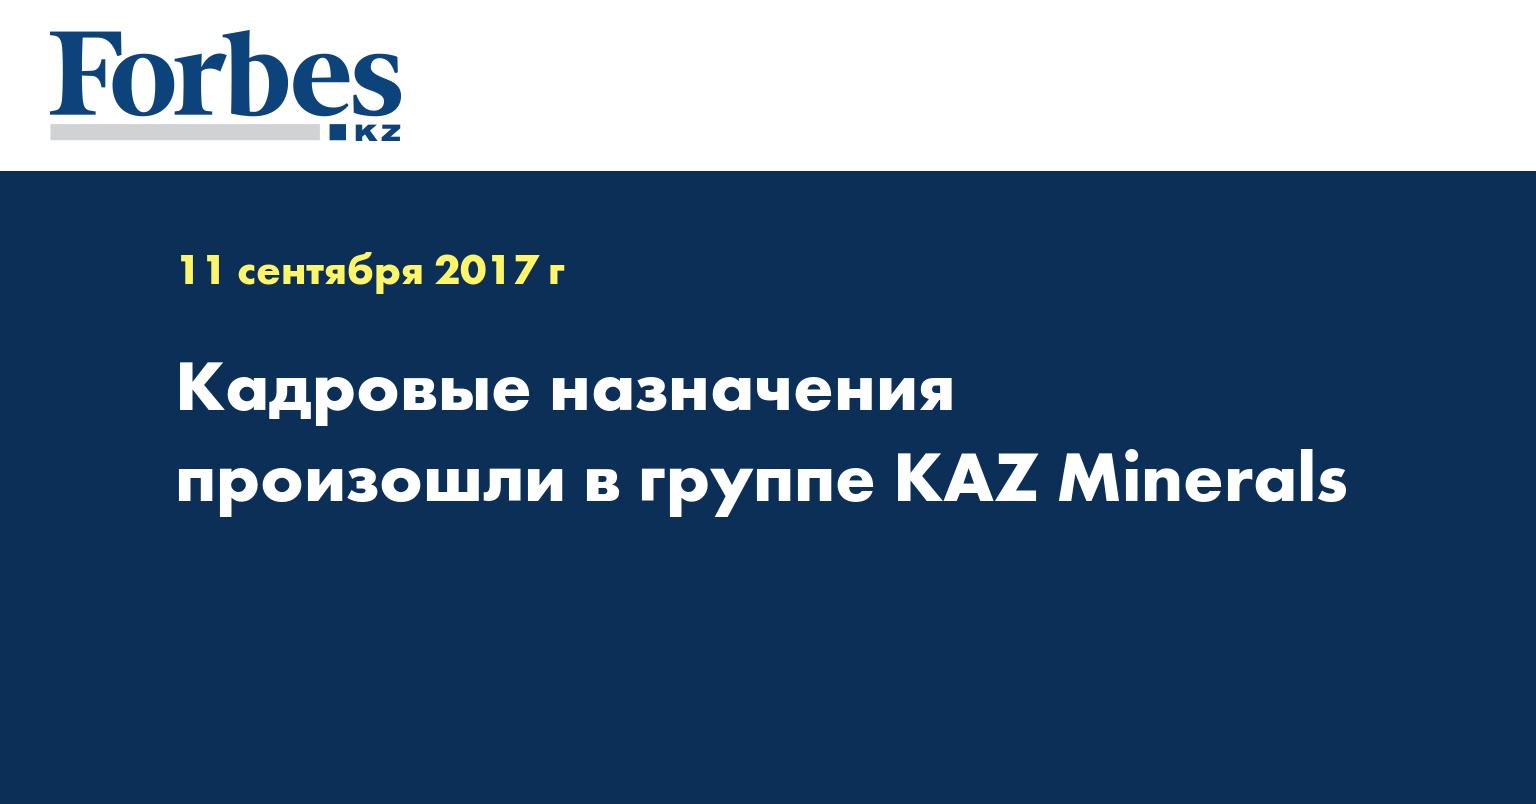 Кадровые назначения произошли в группе KAZ Minerals